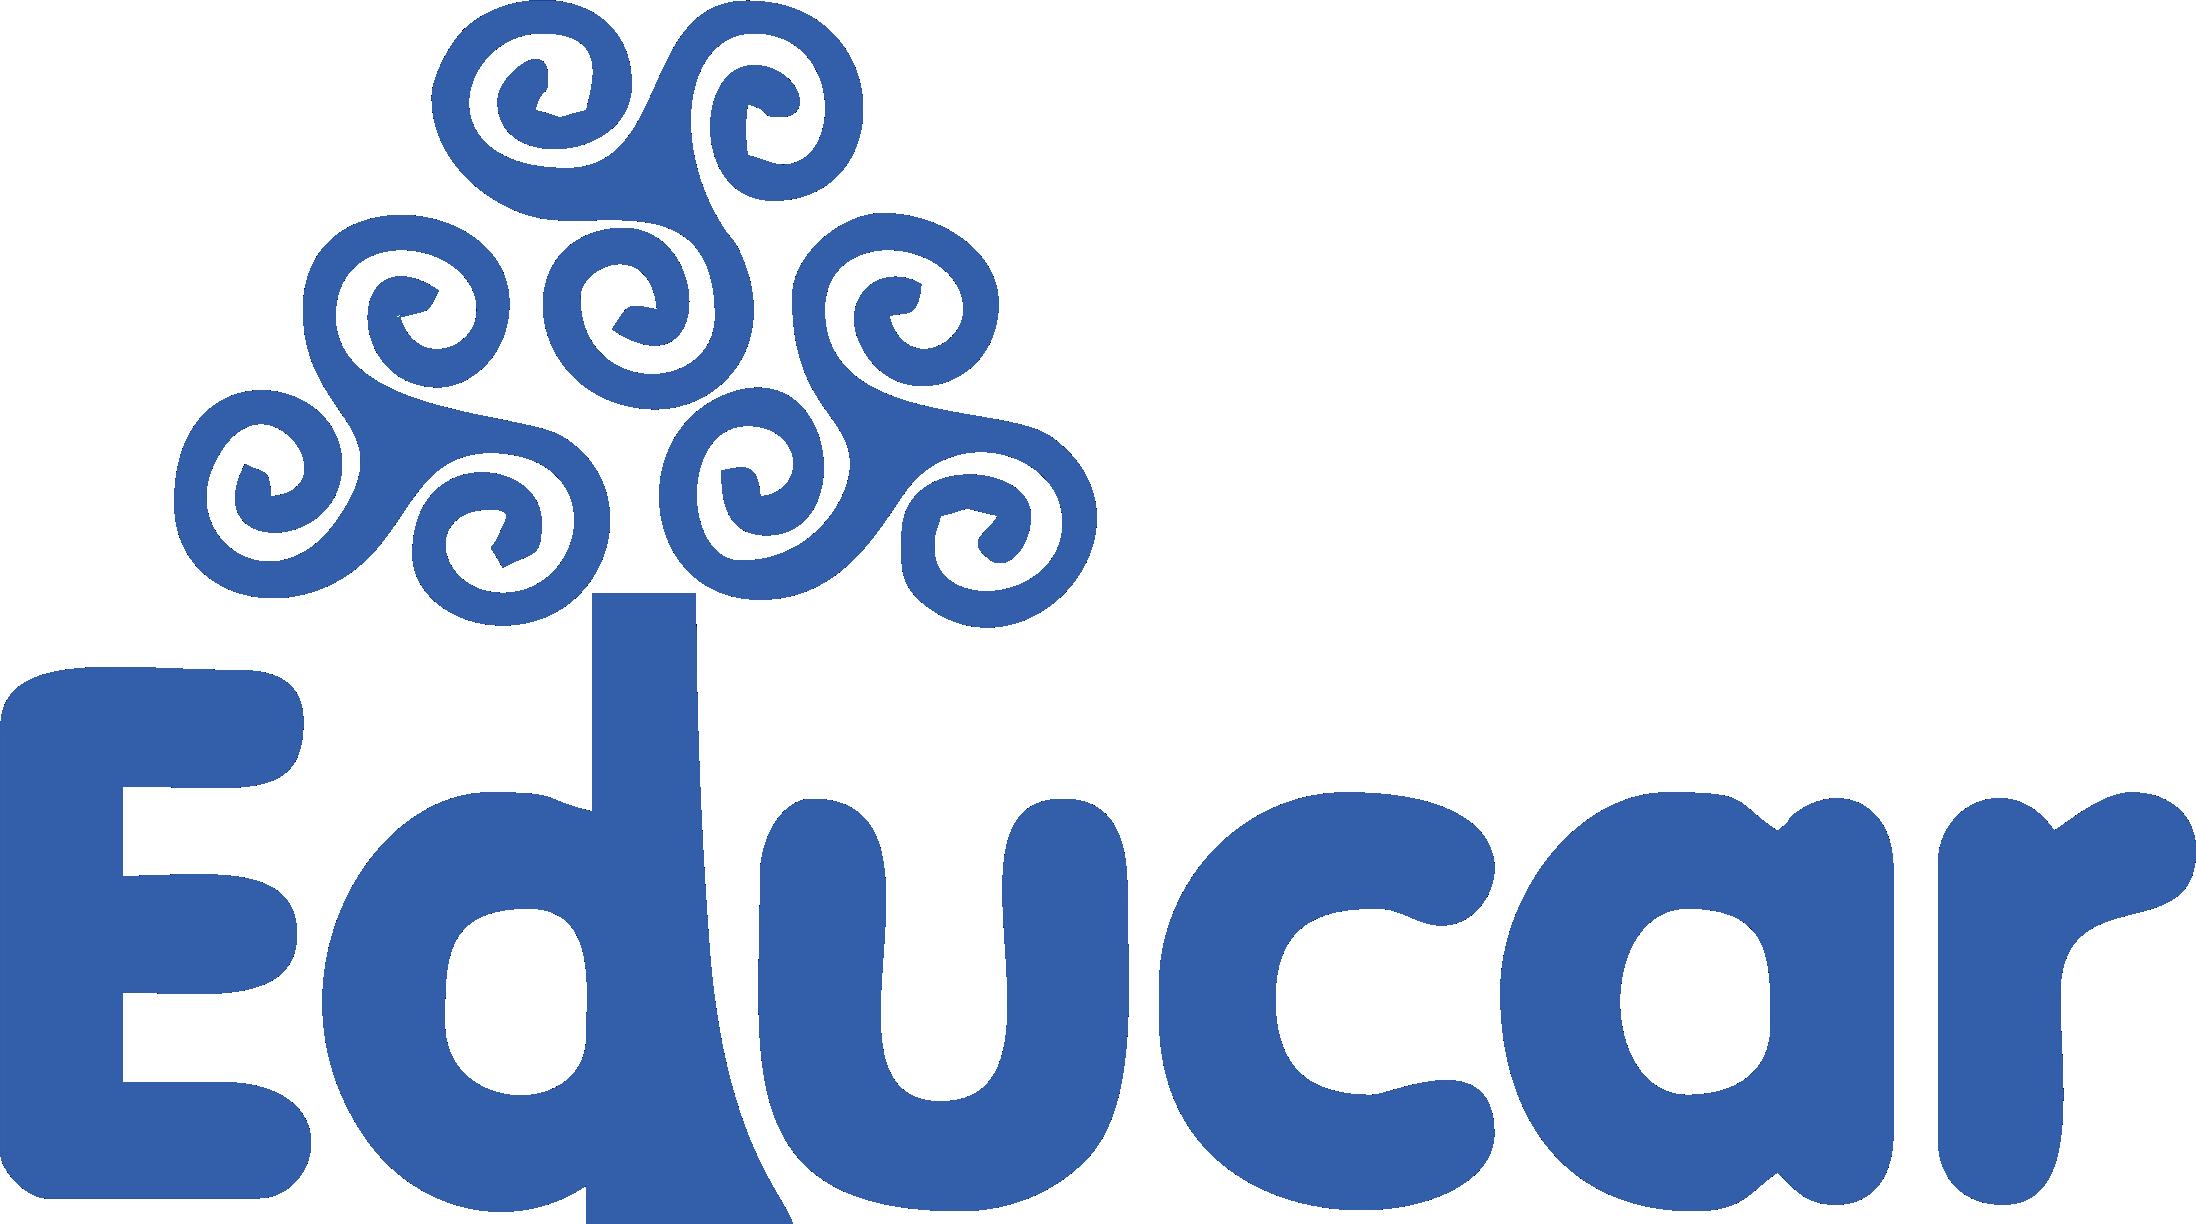 Educar Núcleo de Educação e Cultura